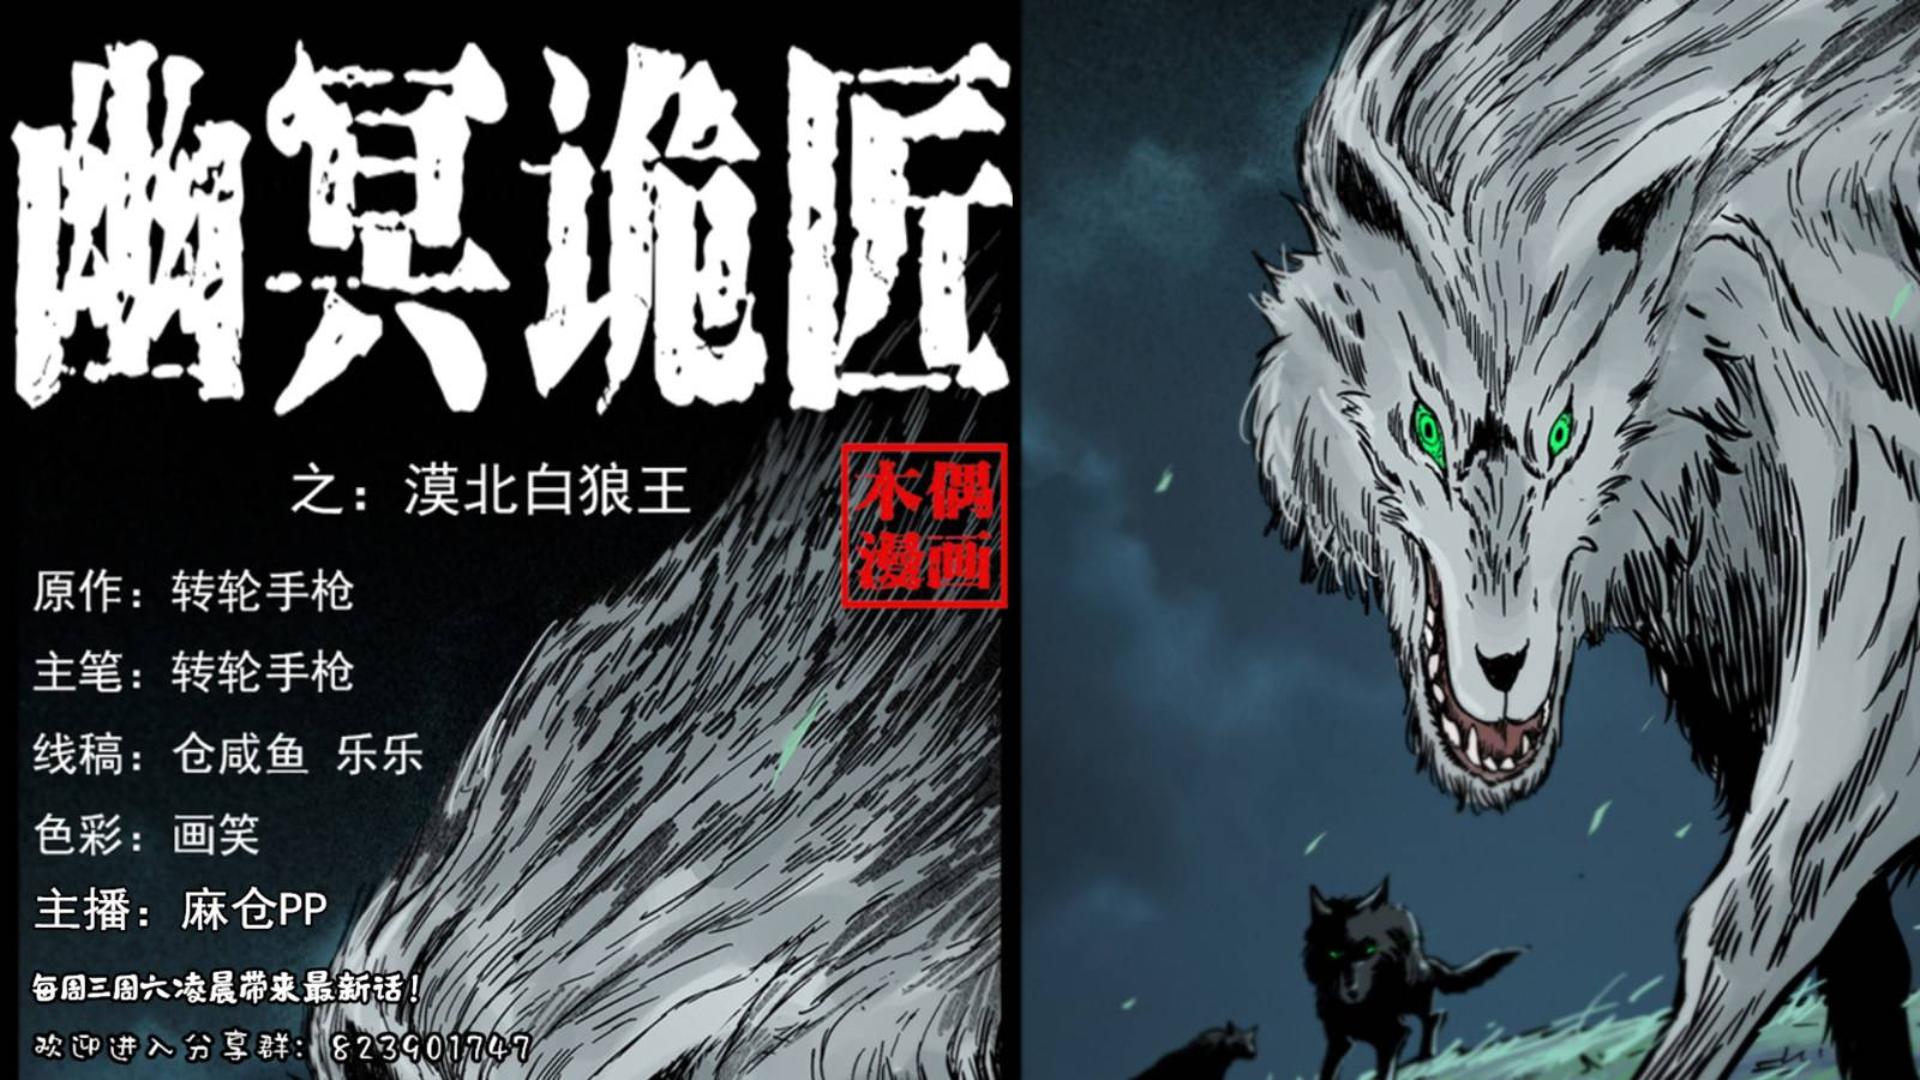 【有声漫画】幽冥诡匠 224话 漠北白狼王